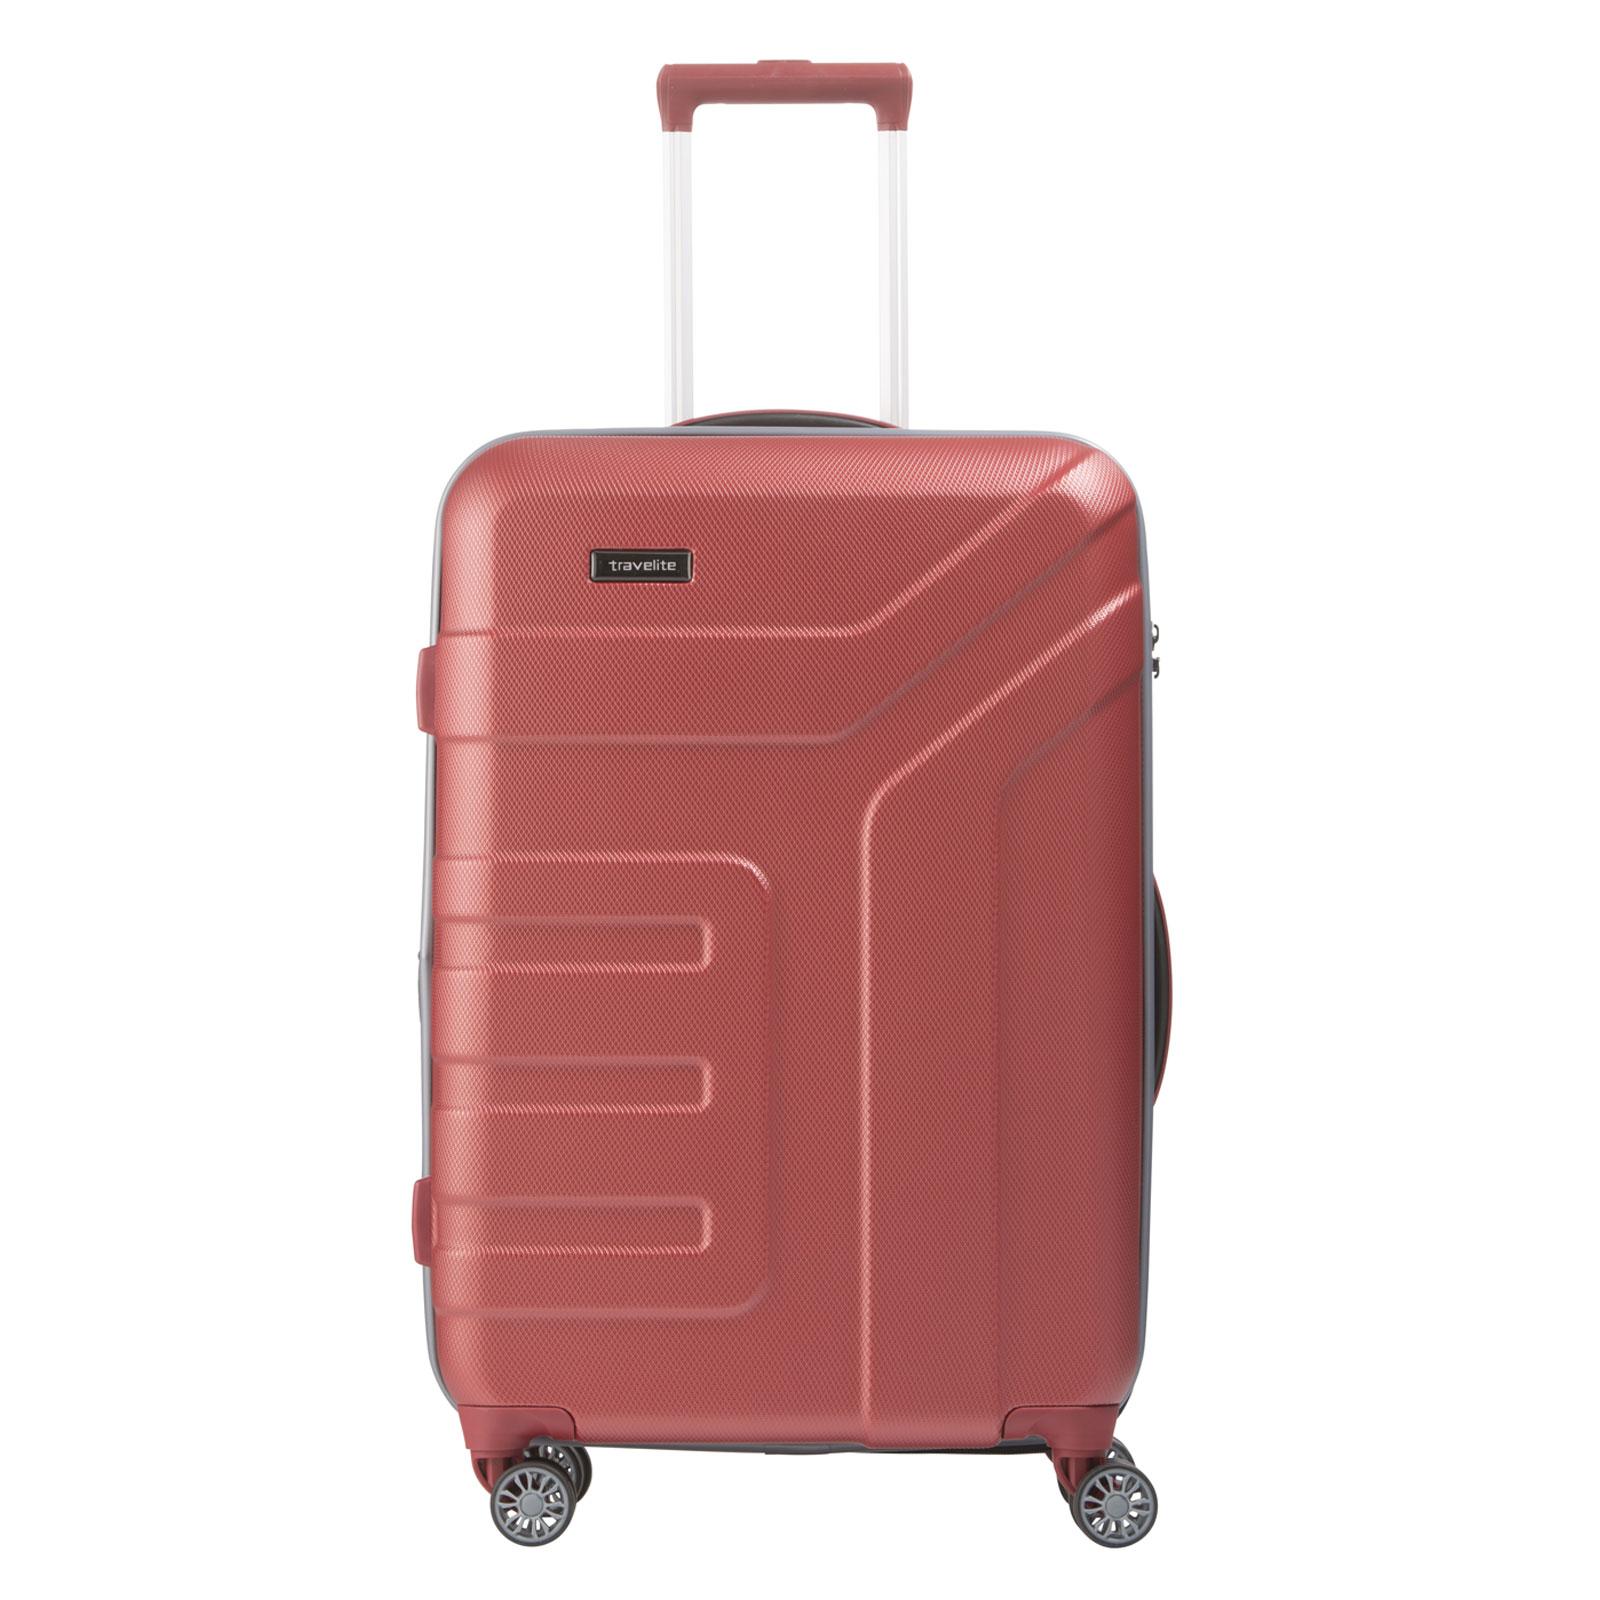 travelite vector trolley 4 rollen mittel g nstig kaufen koffermarkt. Black Bedroom Furniture Sets. Home Design Ideas